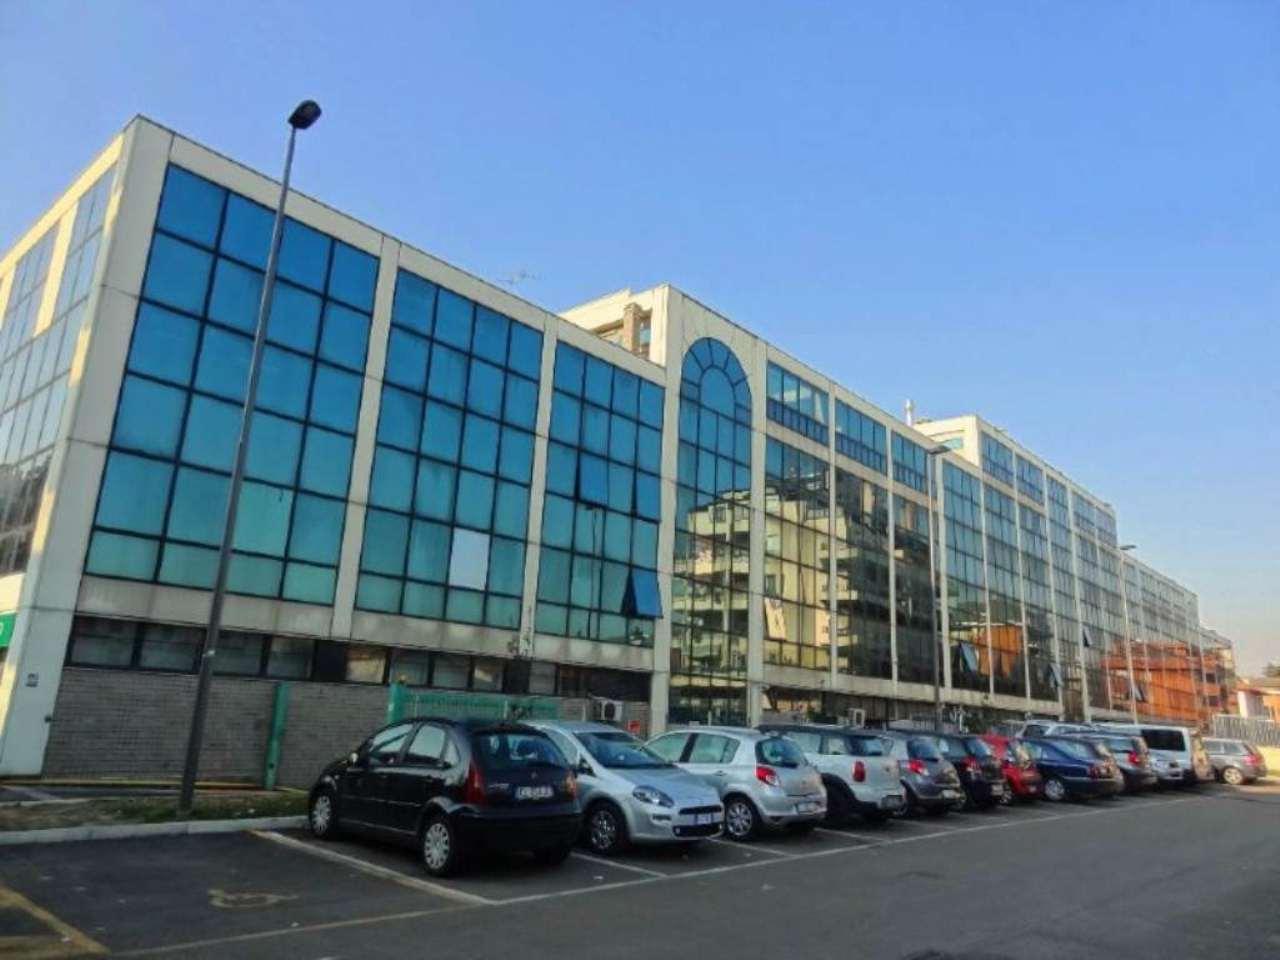 Ufficio-studio in Vendita a Bresso: 5 locali, 720 mq